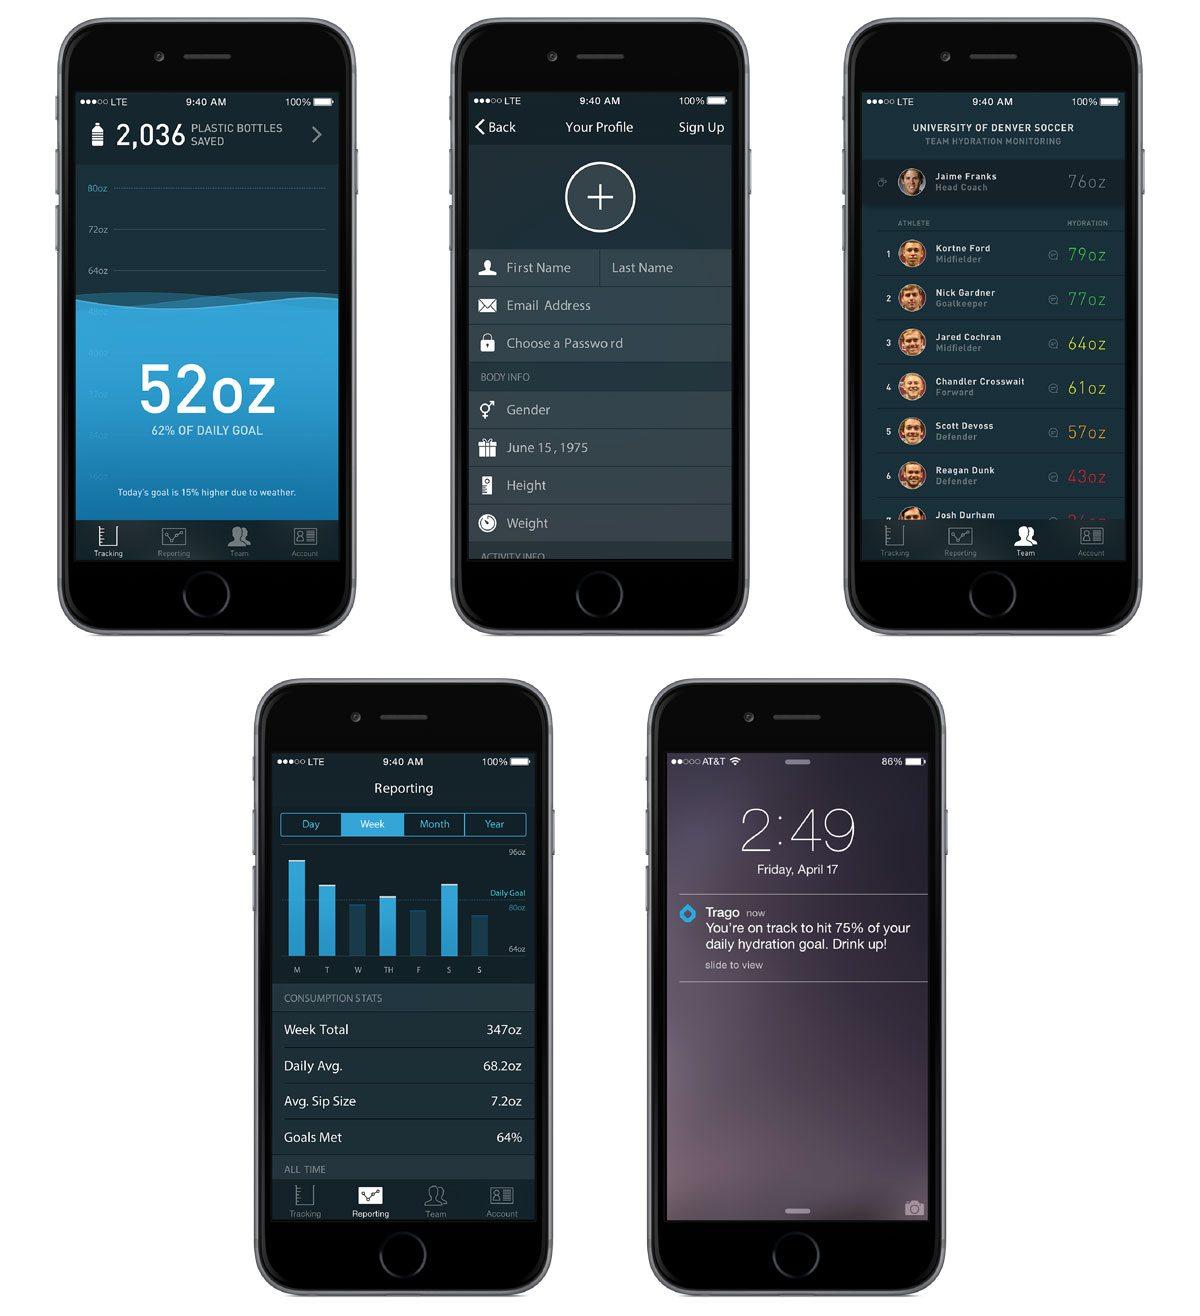 Trago-App